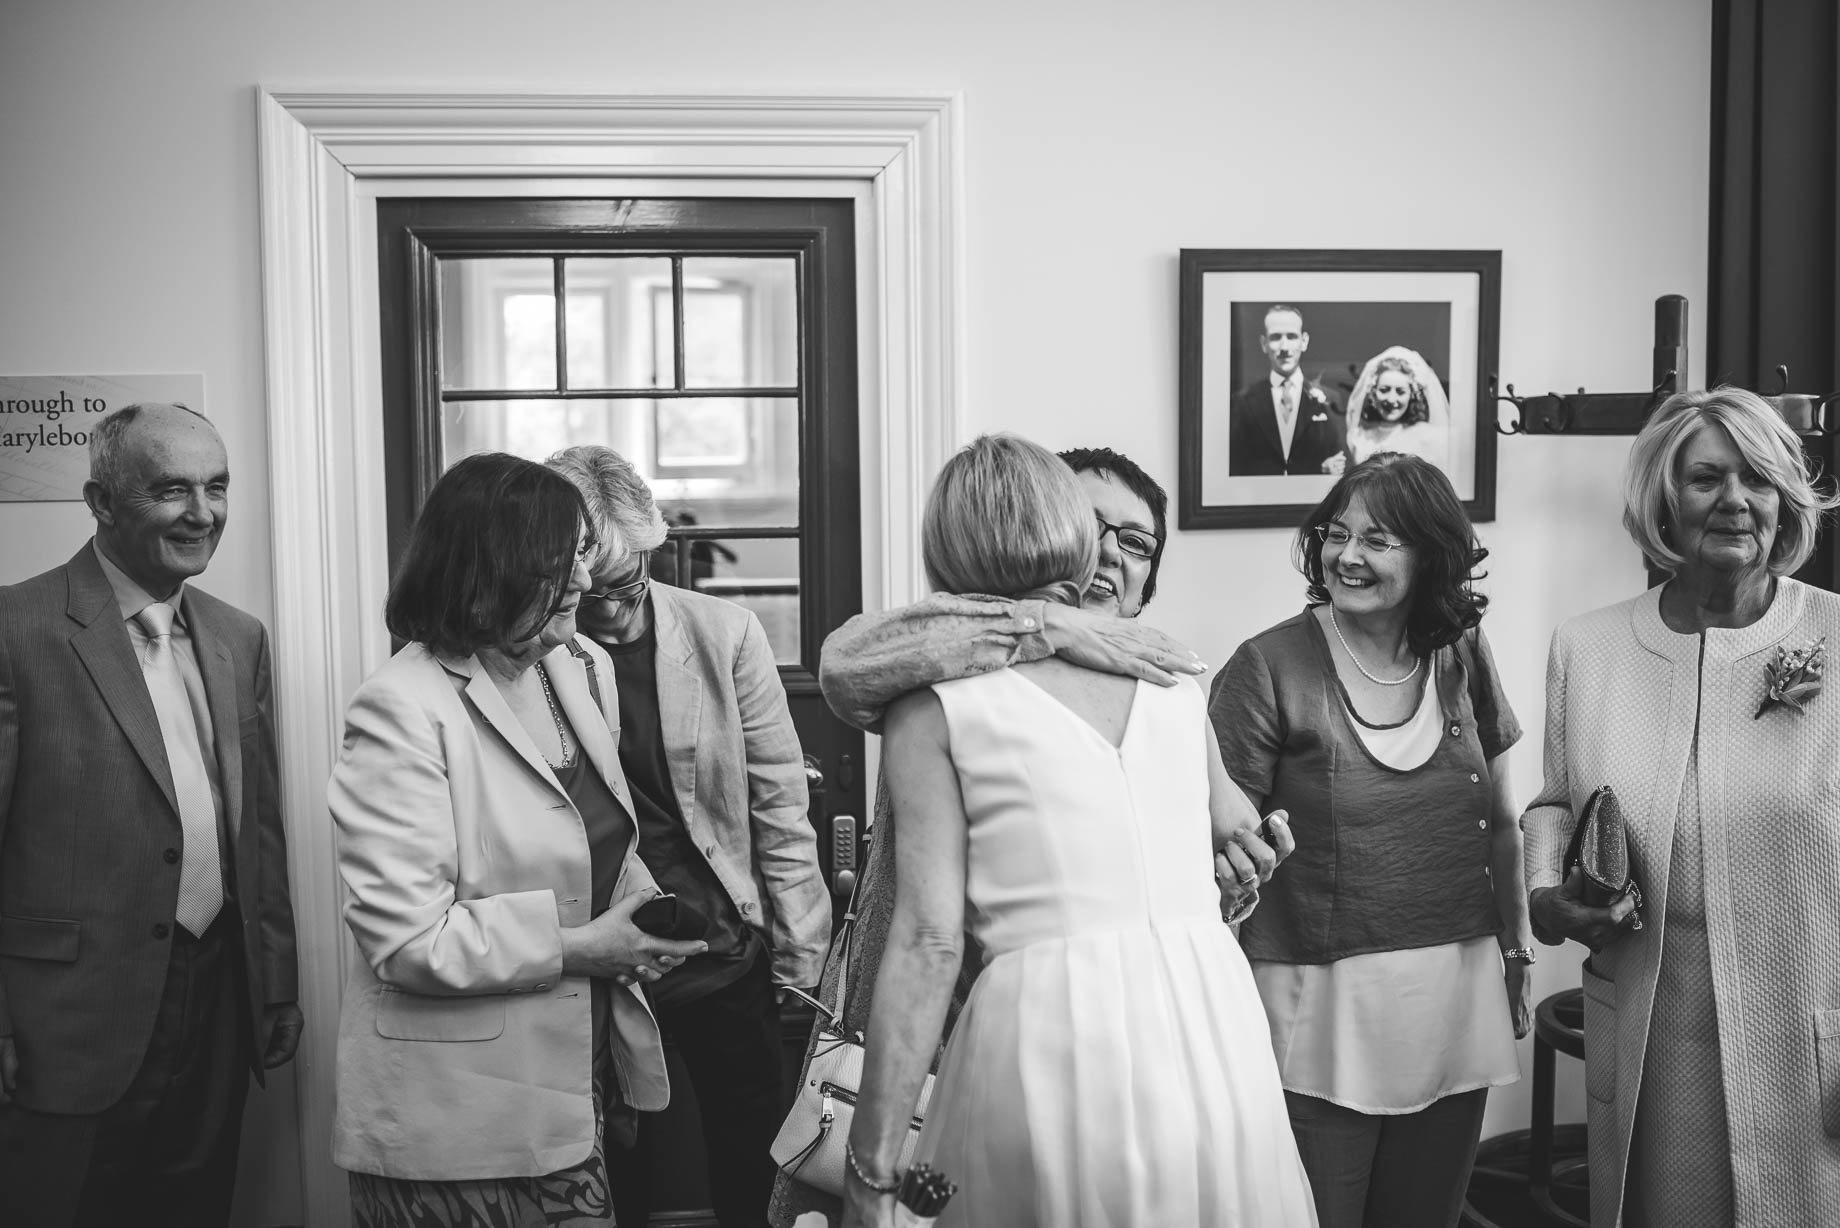 Mayfair wedding photography - Allison and Eugene (53 of 94)